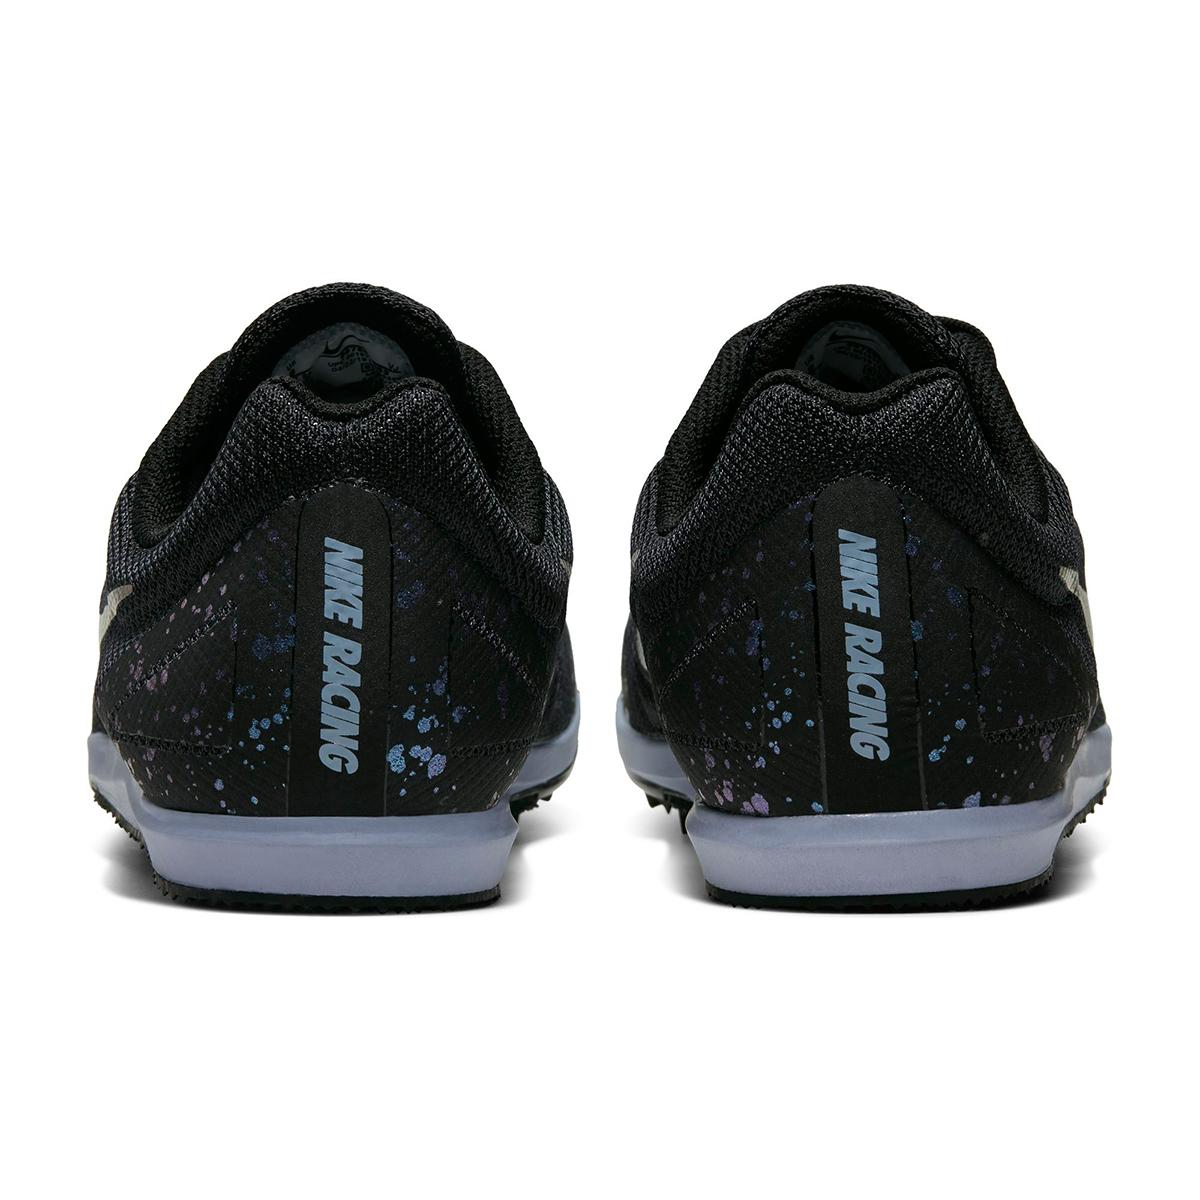 Nike Zoom Rival D 10 Track Spike - Color: Black/Indigo Fog (Regular Width) - Size: 6, Black/Indigo Fog, large, image 3